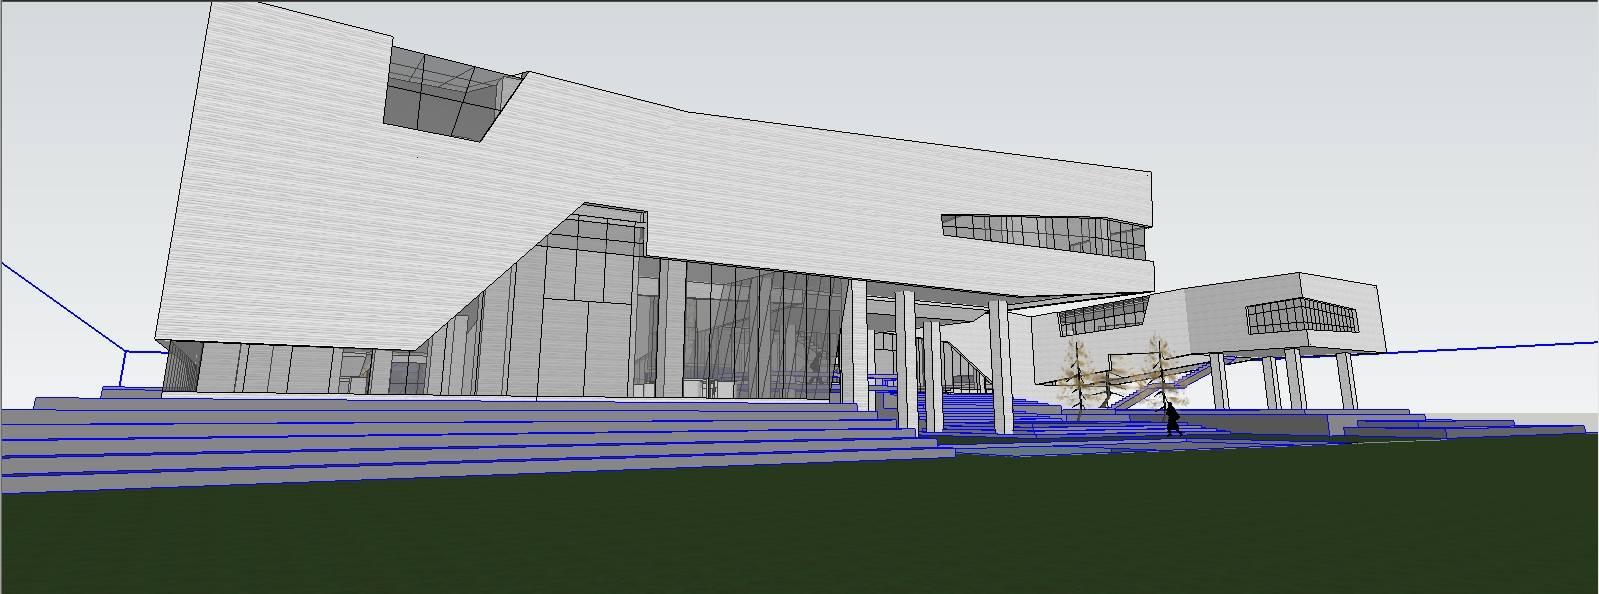 某概念公共建筑 博物馆